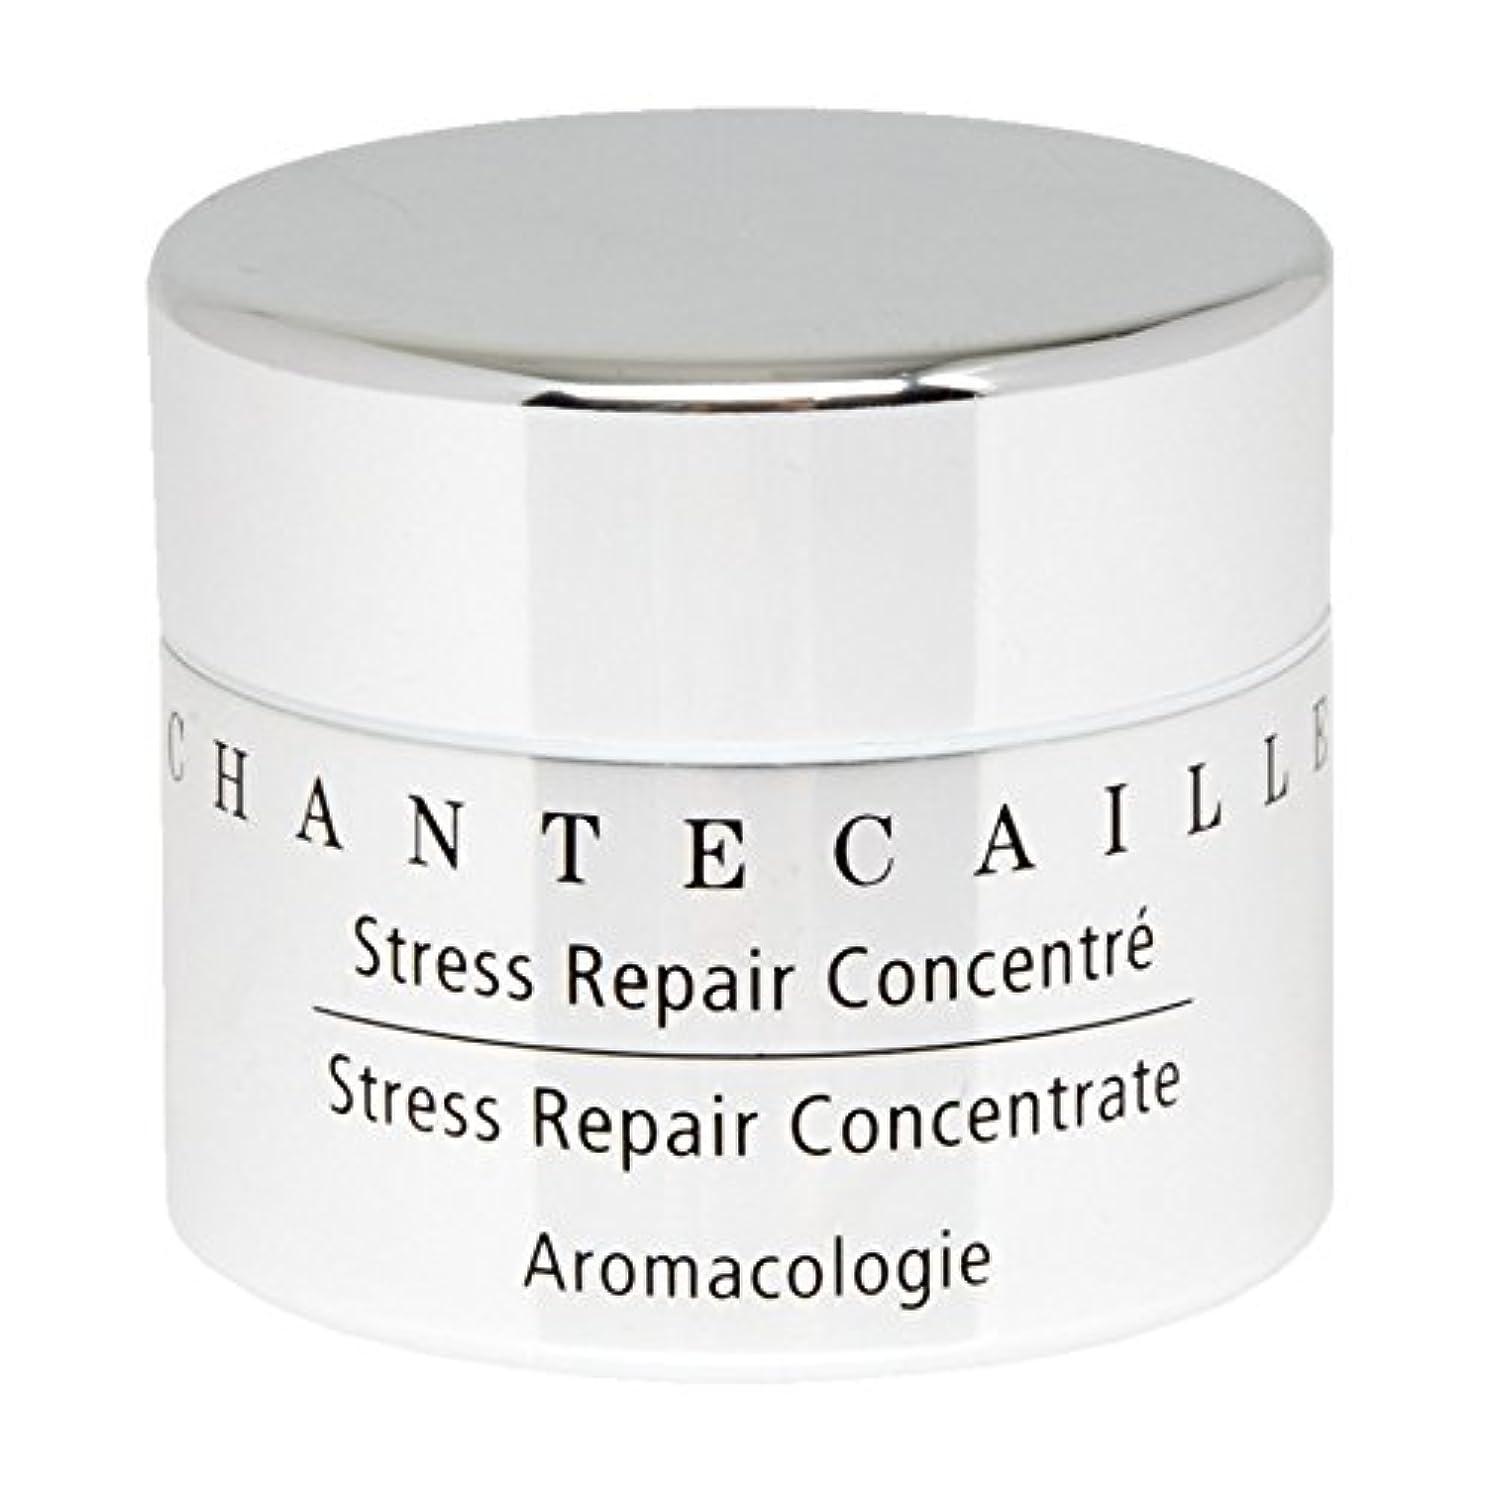 消毒する悪性の決してChantecaille Stress Repair Concentrate 15ml - シャンテカイユストレス修復濃縮15ミリリットル [並行輸入品]